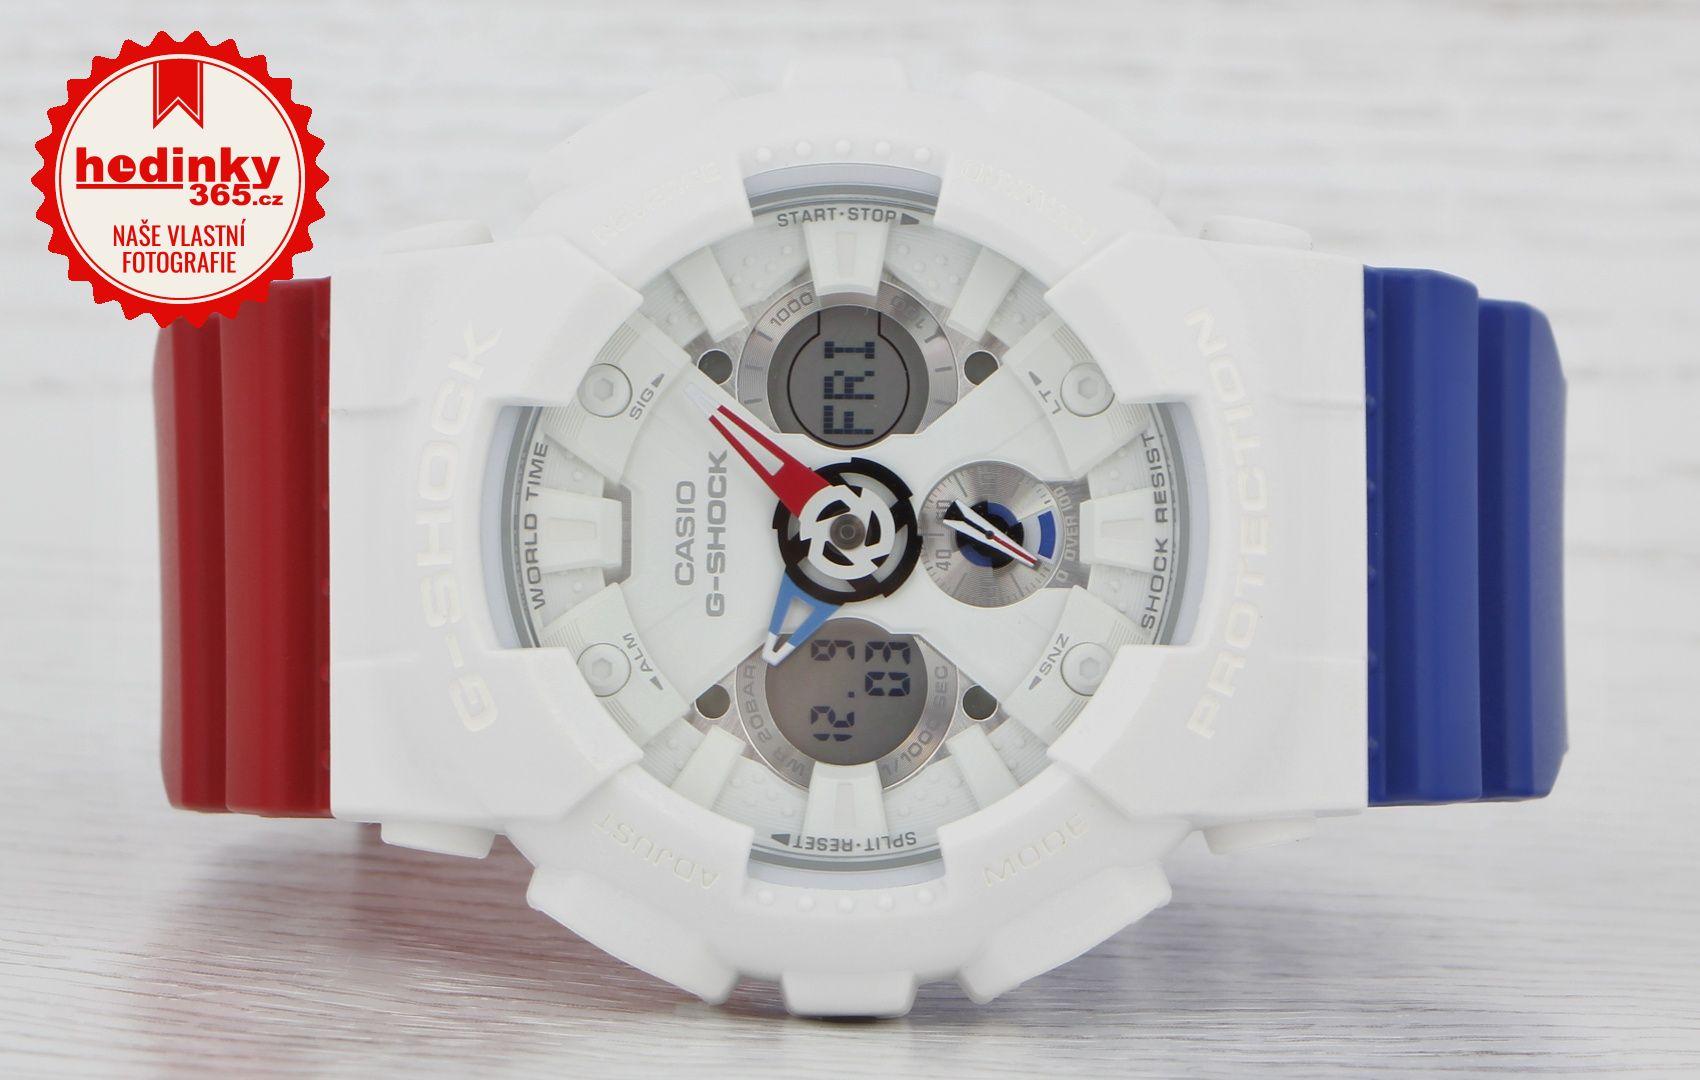 341a26401 Pánské hodinky - pryskyřicový řemínek, pryskyřice pouzdro, minerální  sklíčko. Veškeré technické parametry naleznete níže